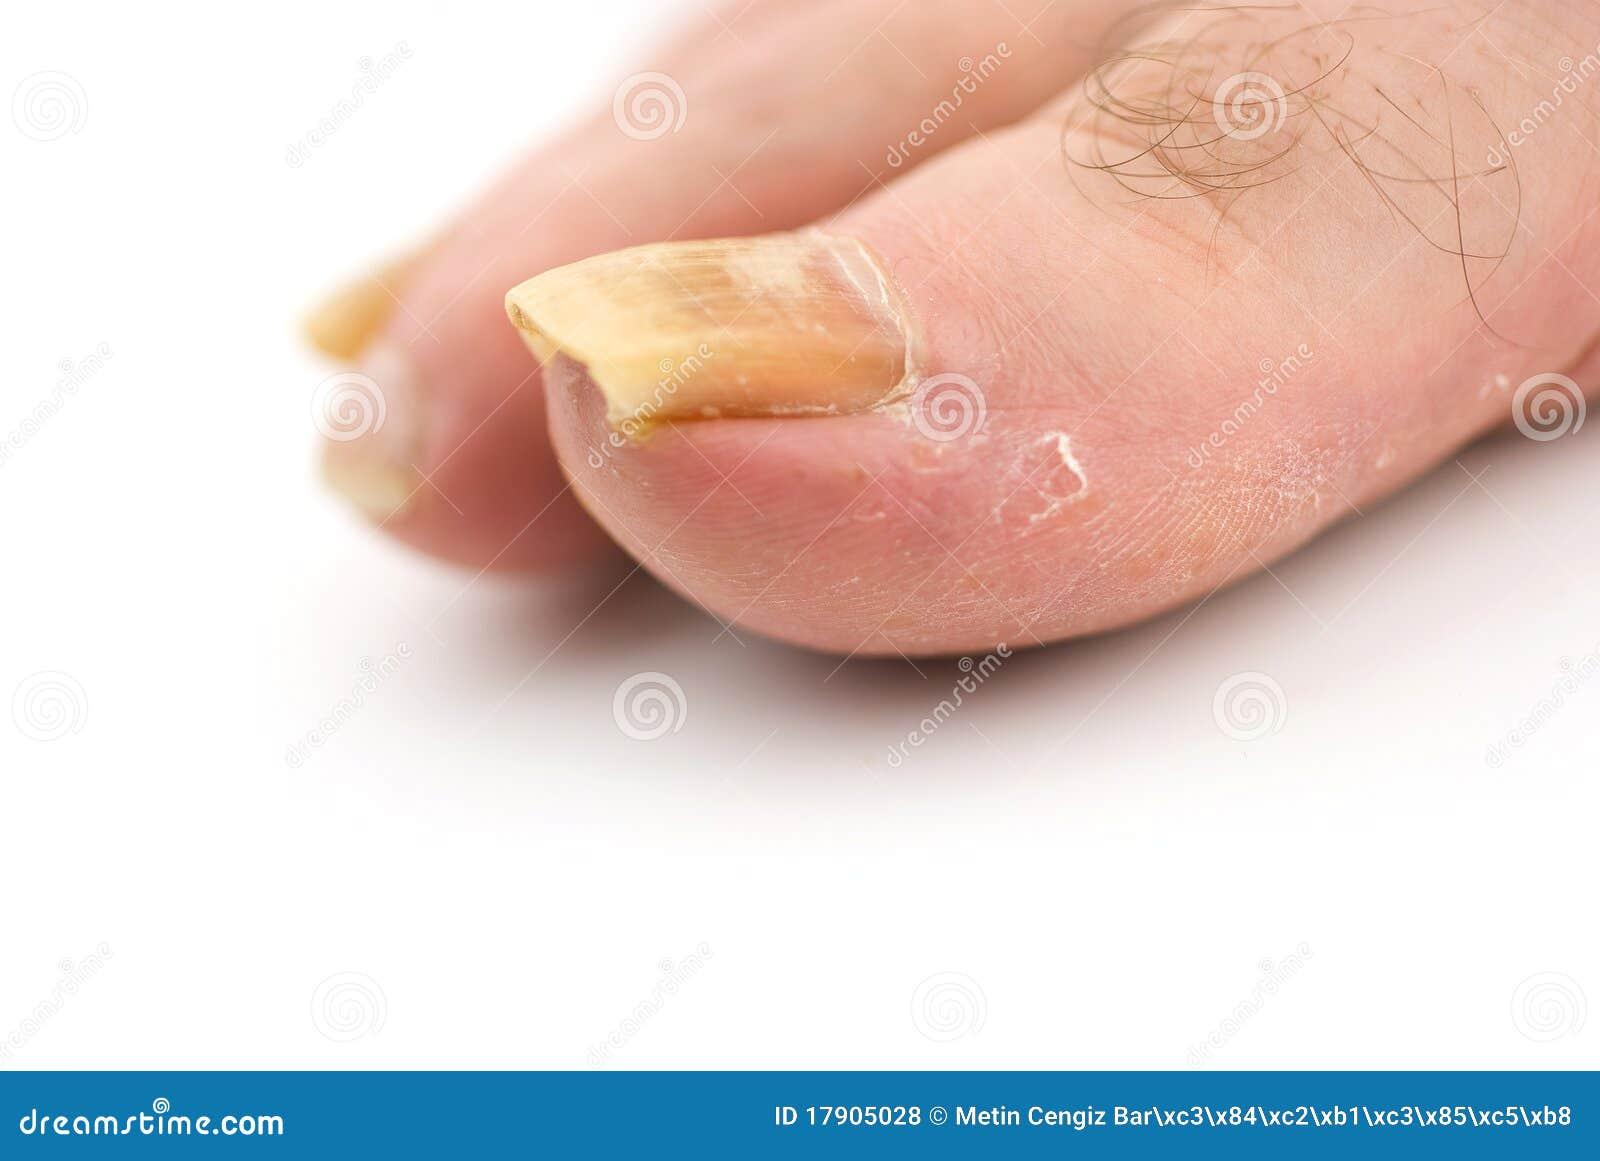 Trattamento di unghie che stanno dopo un trauma